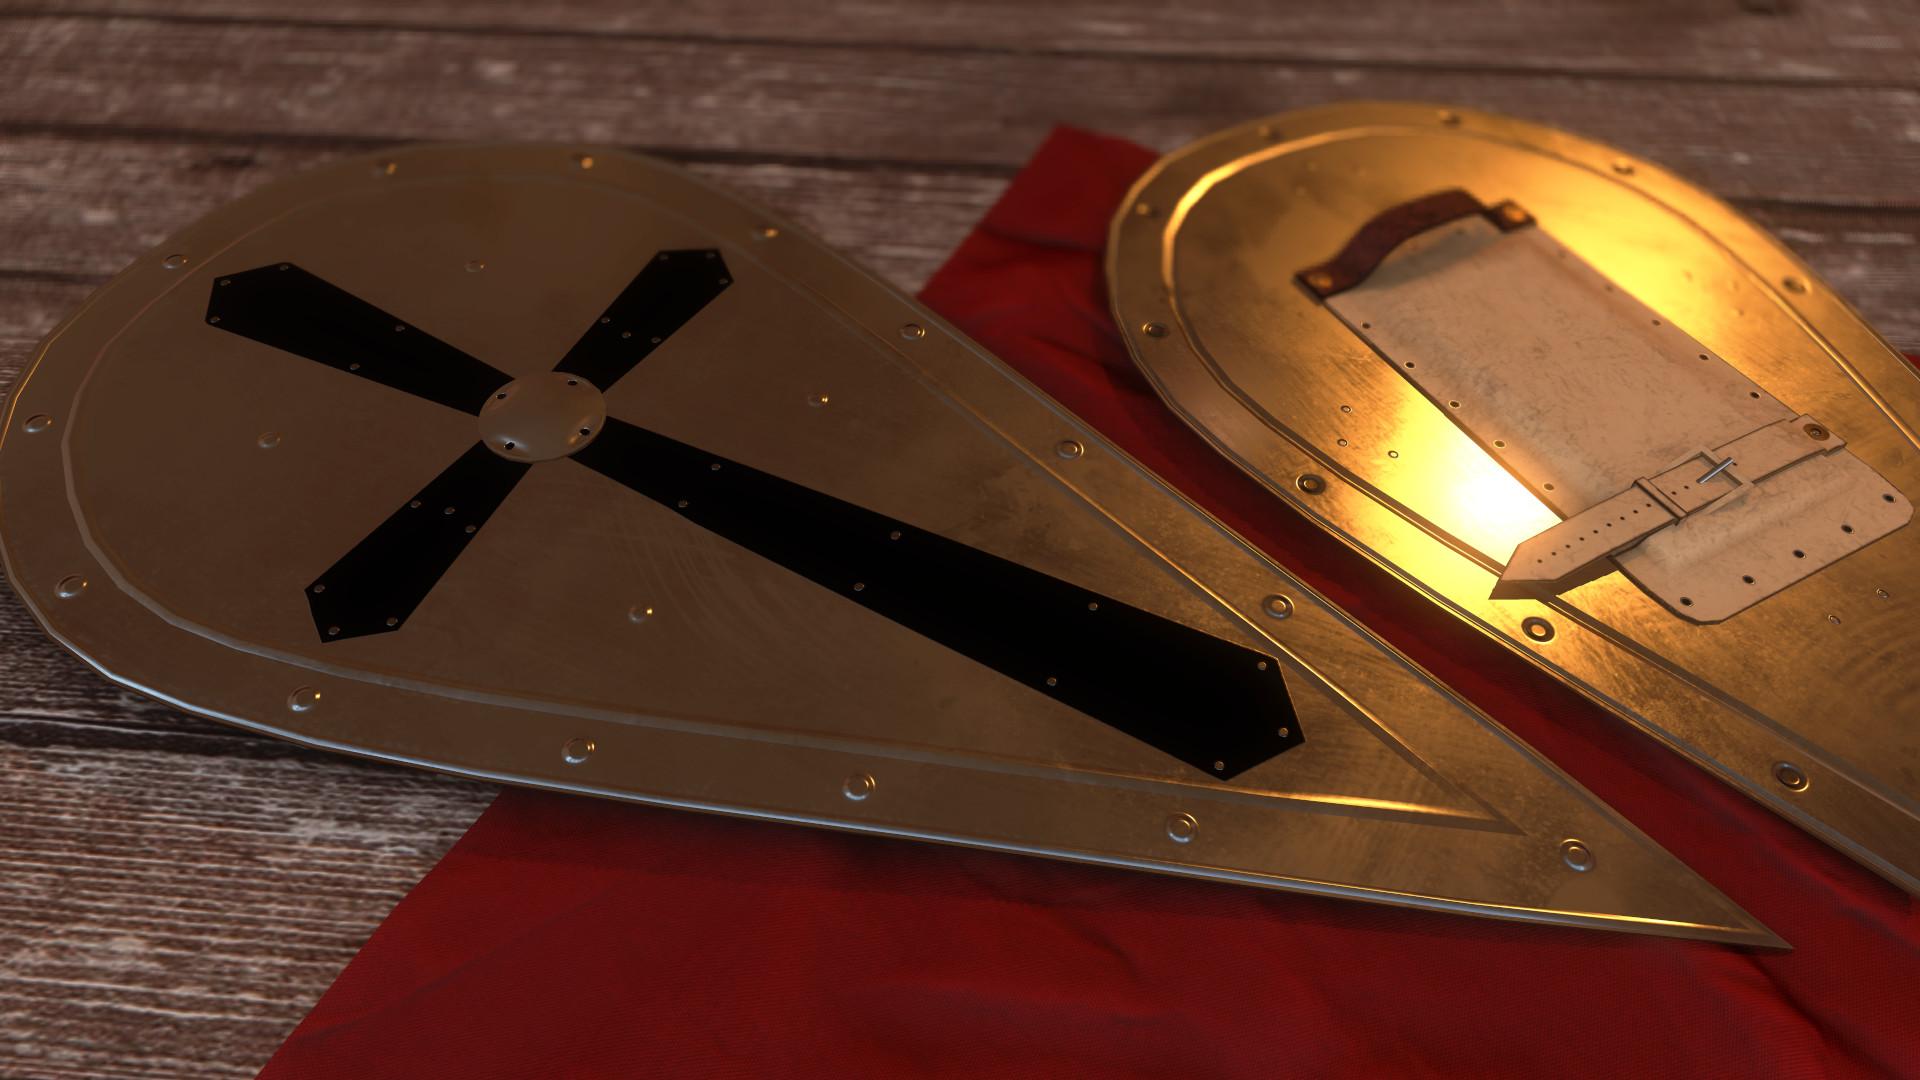 Bela csampai closeup shield 01